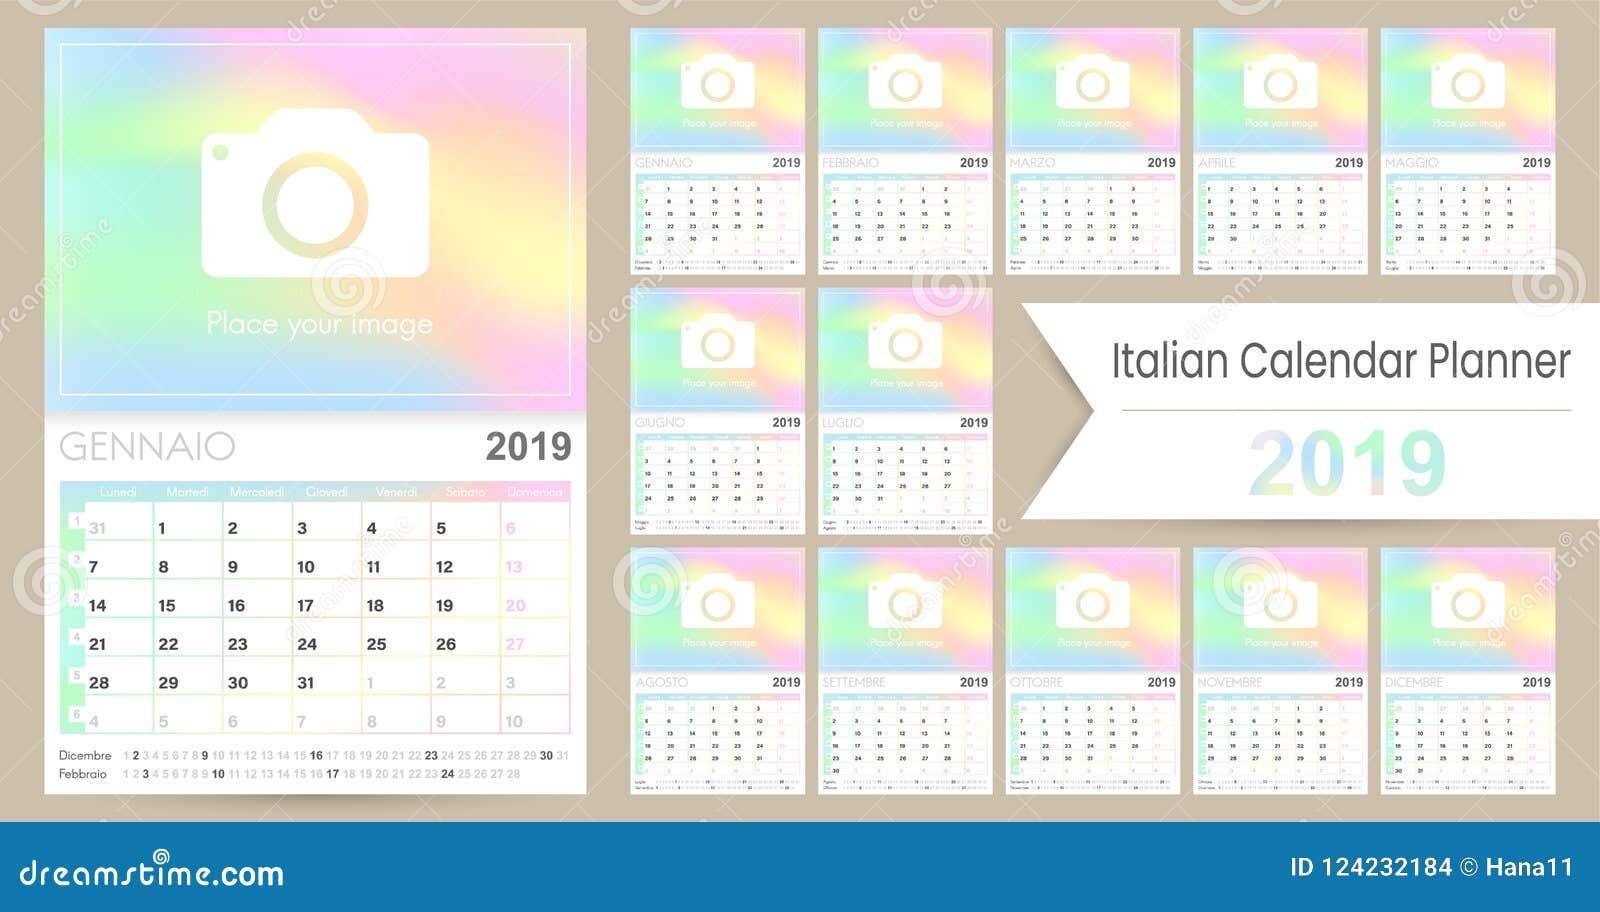 Italian Planning Calendar 2019 Stock Vector Illustration Of